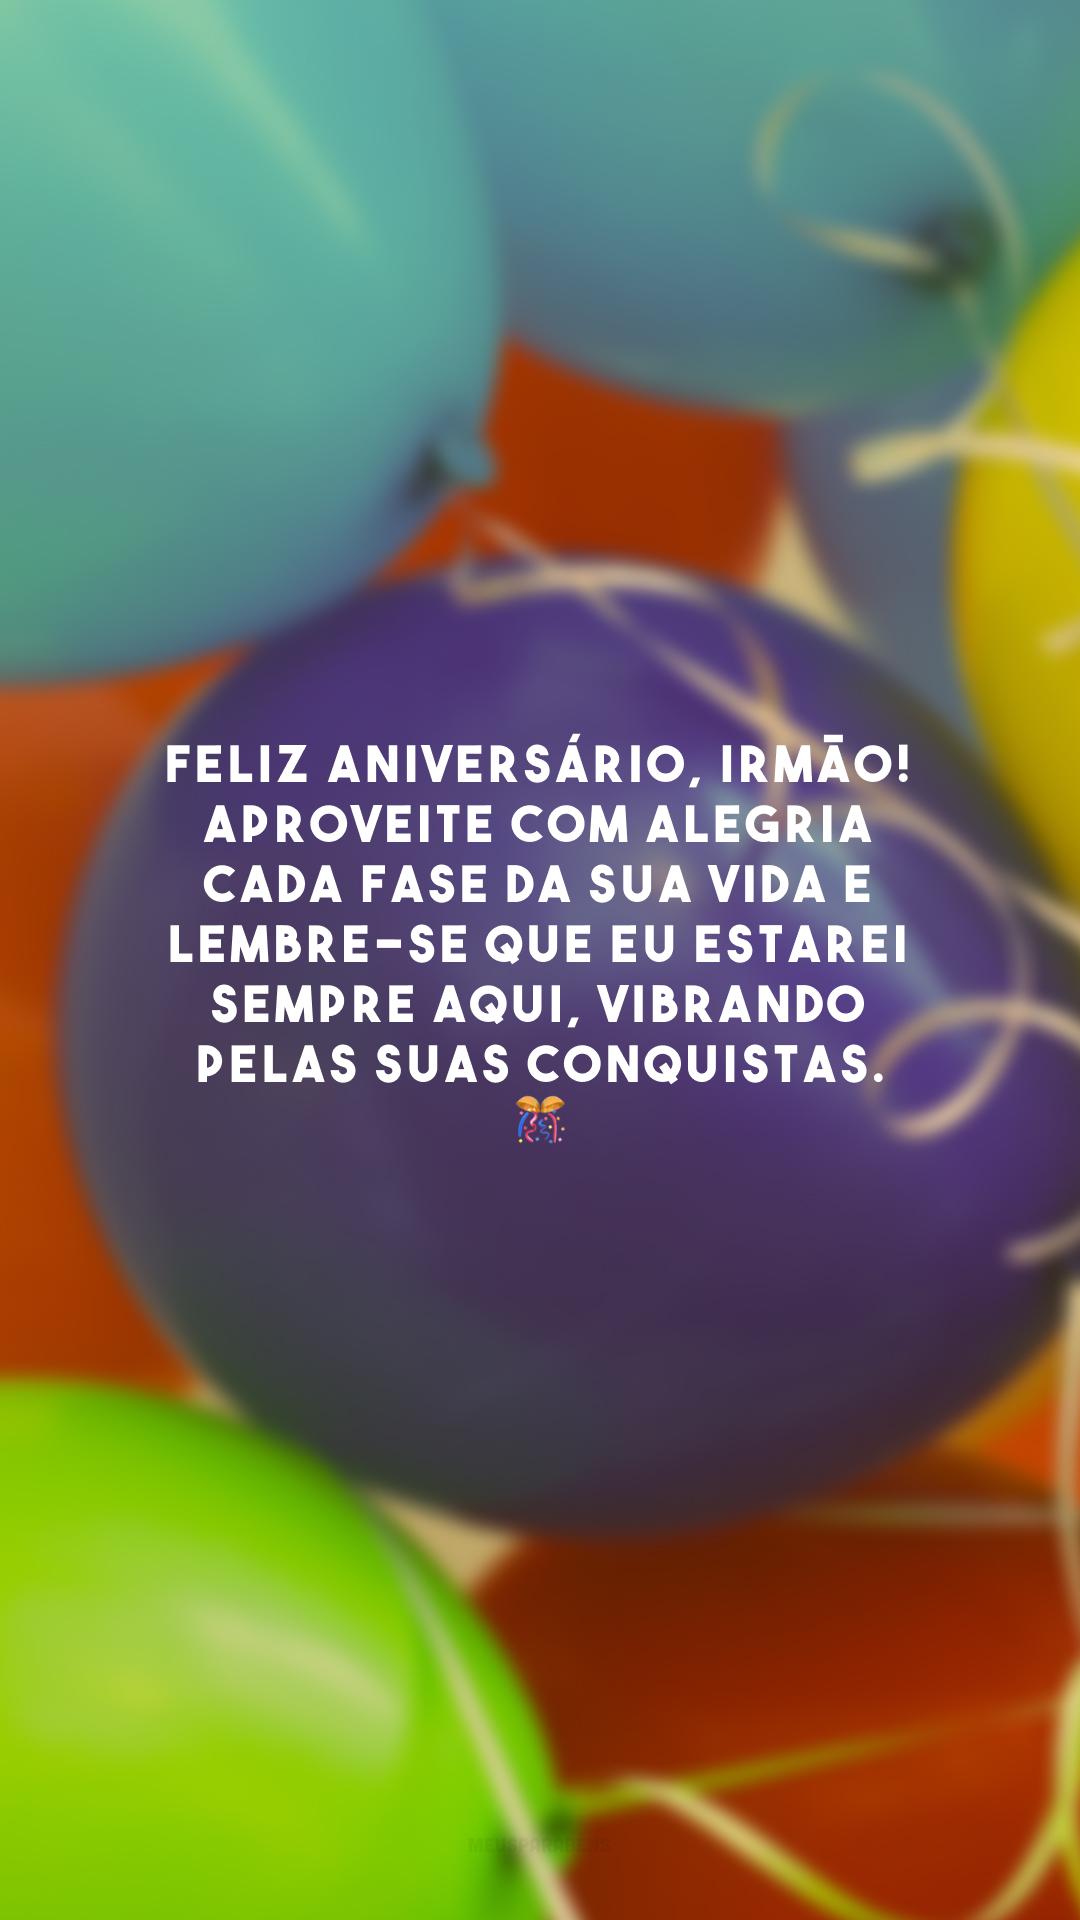 Feliz aniversário, irmão! Aproveite com alegria cada fase da sua vida e lembre-se que eu estarei sempre aqui, vibrando pelas suas conquistas. 🎊